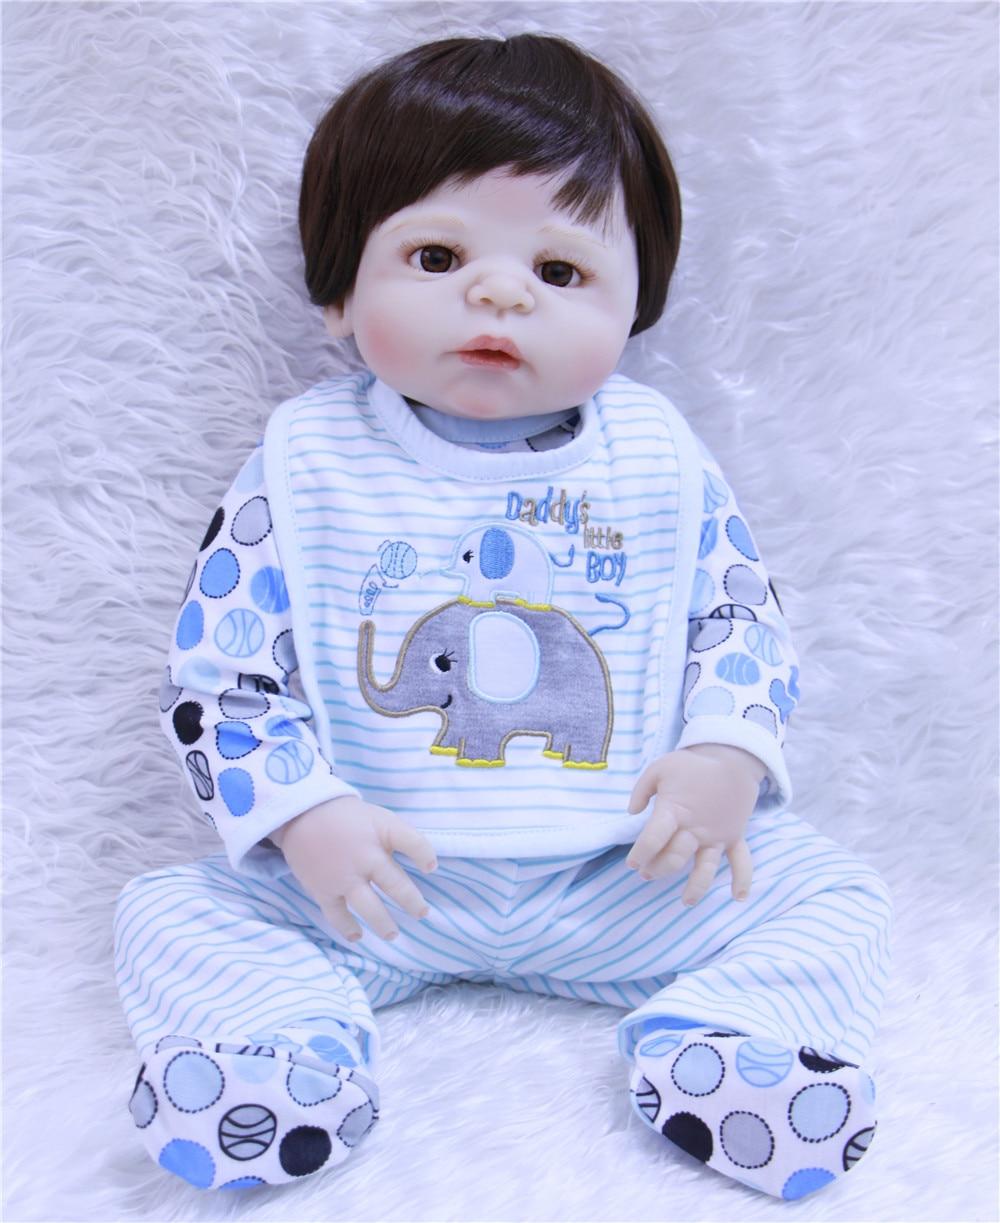 Npk Male Silicone Dolls 55cm Reaborn Baby Realistic Boy